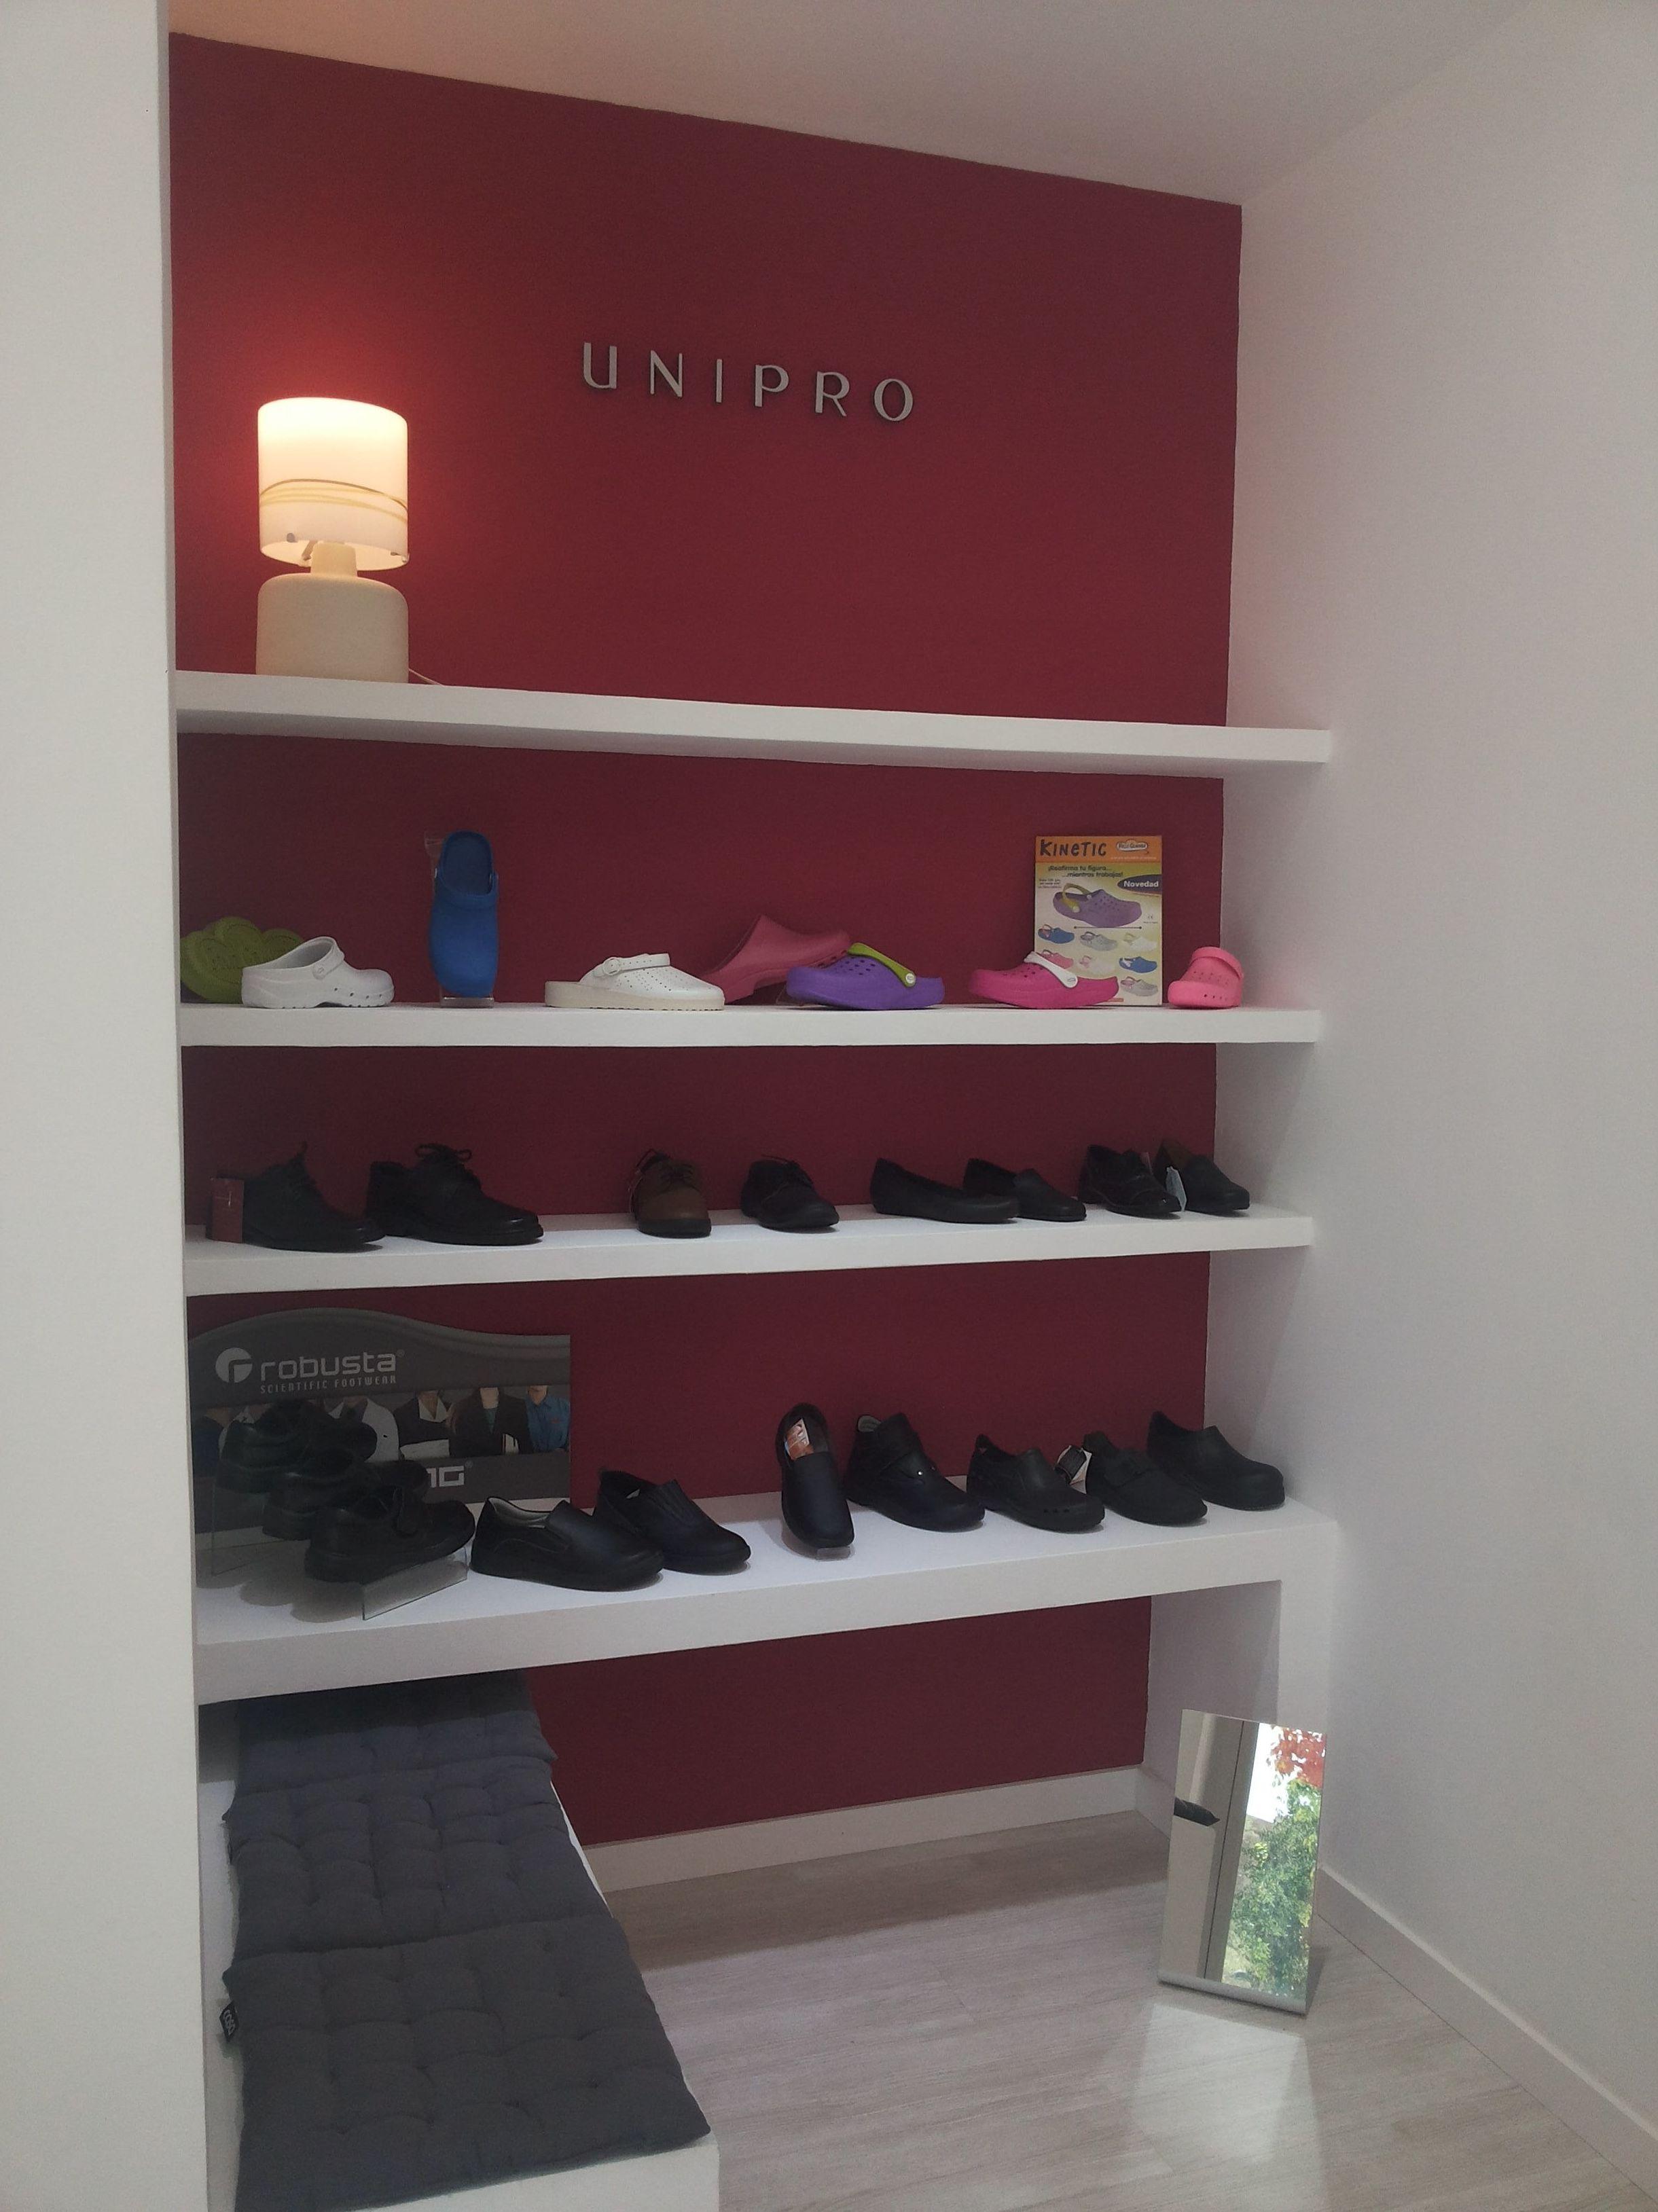 Tienda UNIPRO calzado profesional